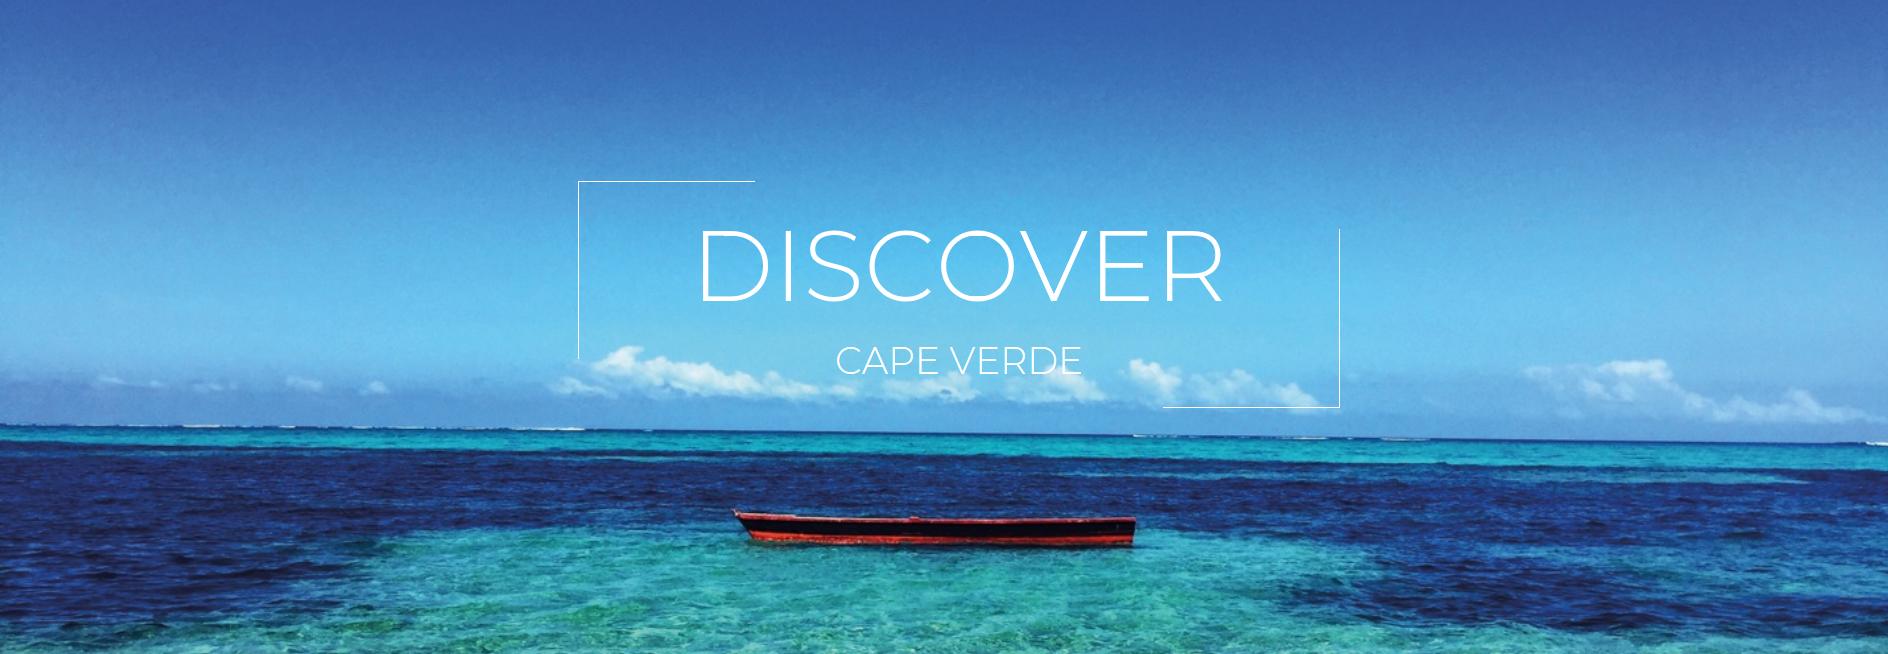 Discover Cape Verde